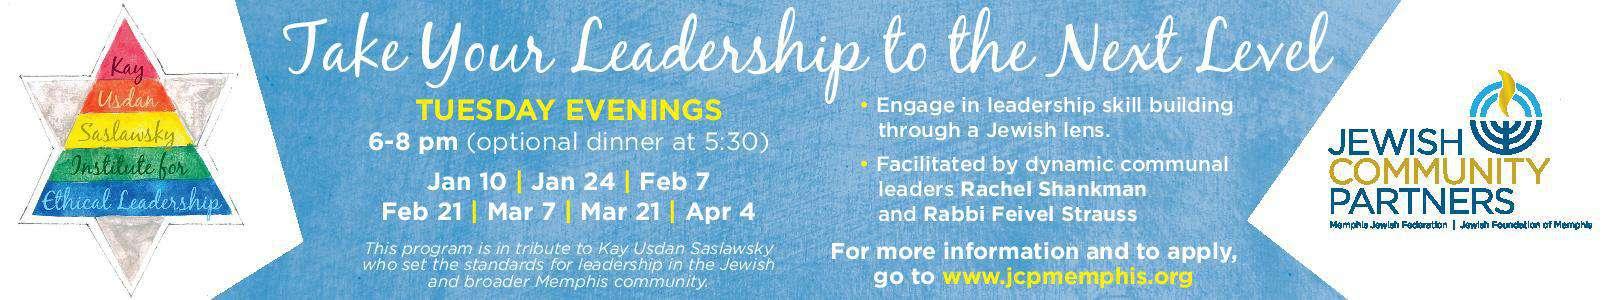 saslawksy-leadership-hw-banner-final-page-001